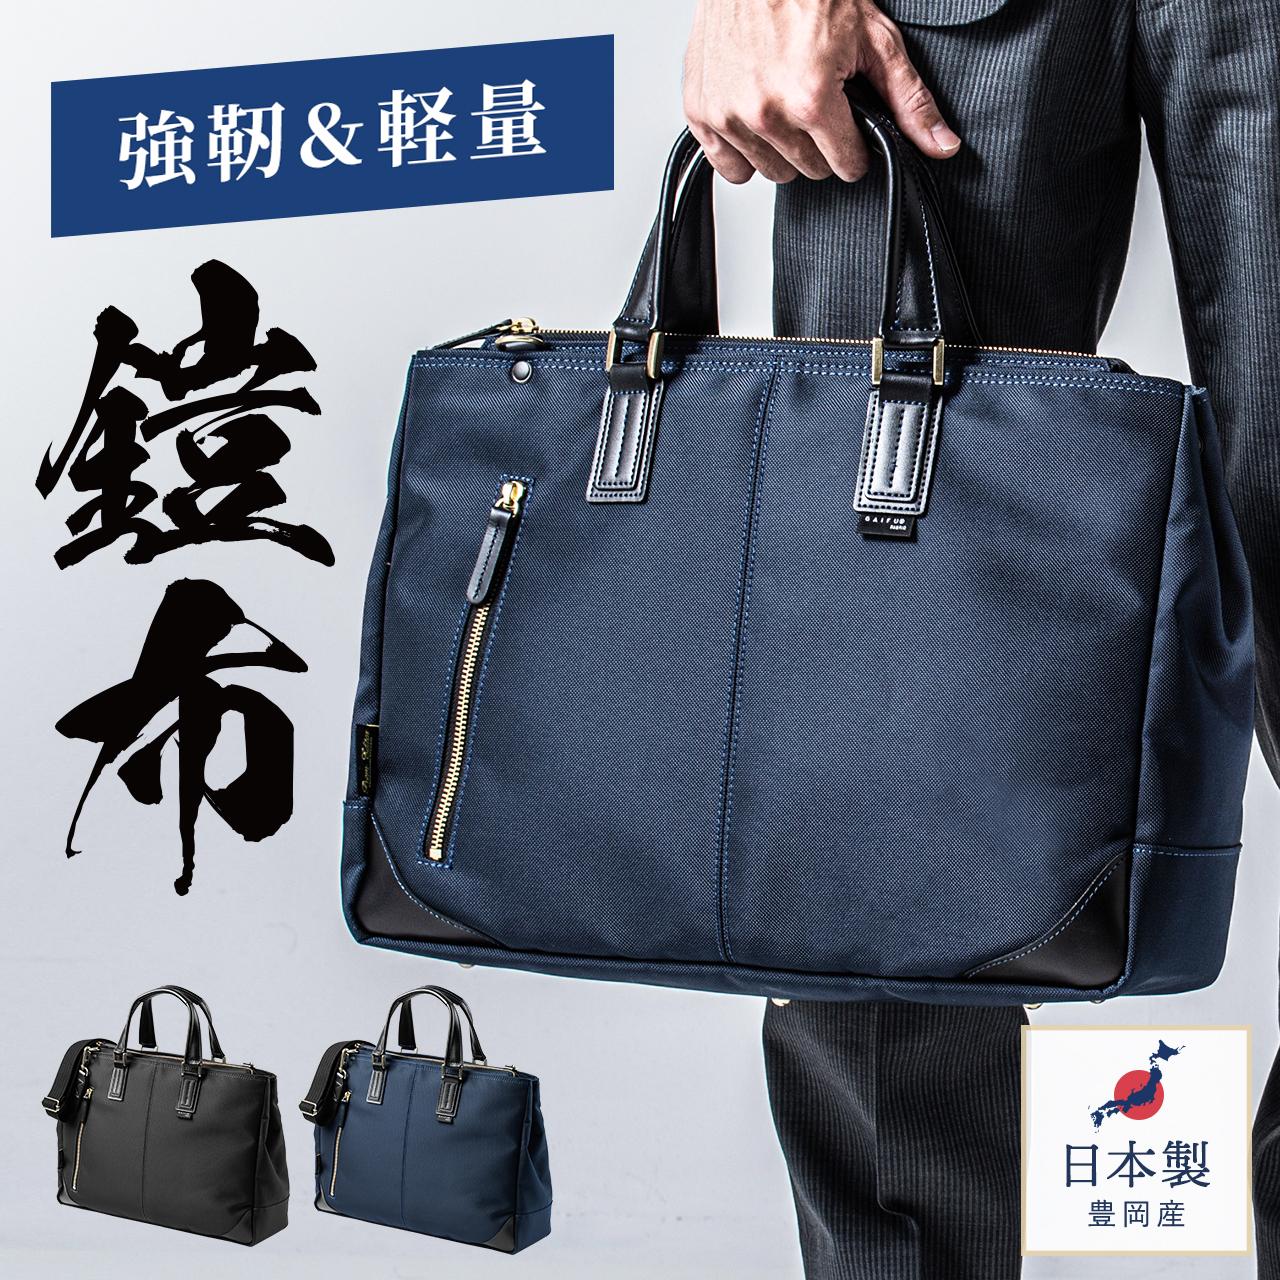 ビジネスバッグ メンズ 日本製 豊岡縫製 ブランド 国産素材 鎧布 13.3型ワイド A4 2way 高強度ナイロン 通勤 ブリーフケース ブラック